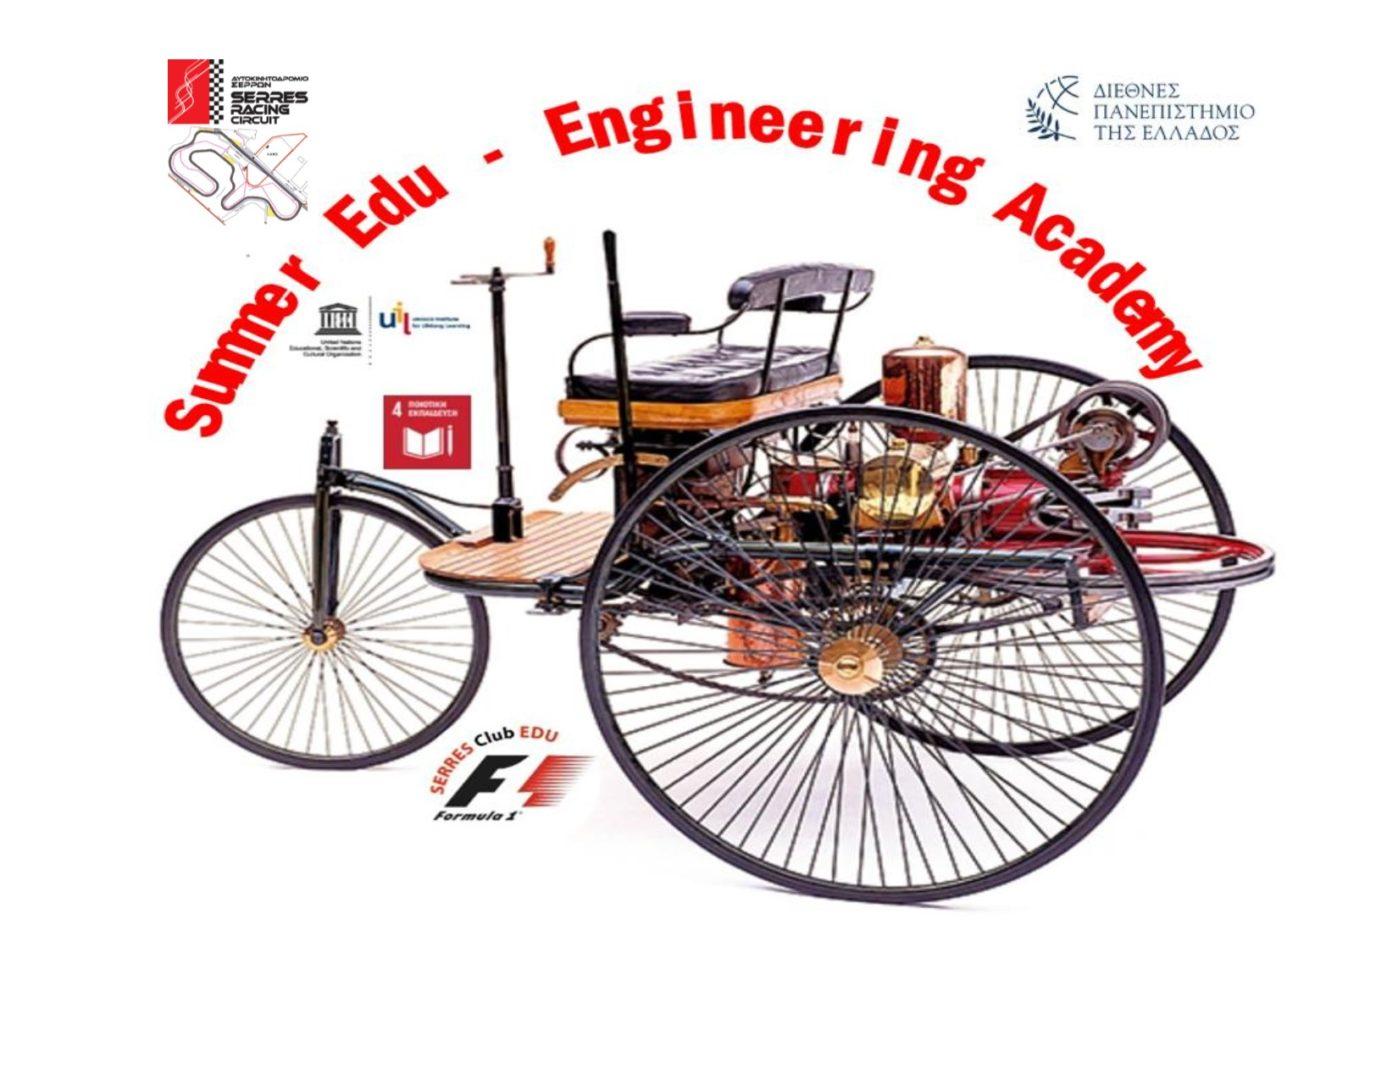 Πρόσκληση – Ακαδημία Μηχανικών 2019